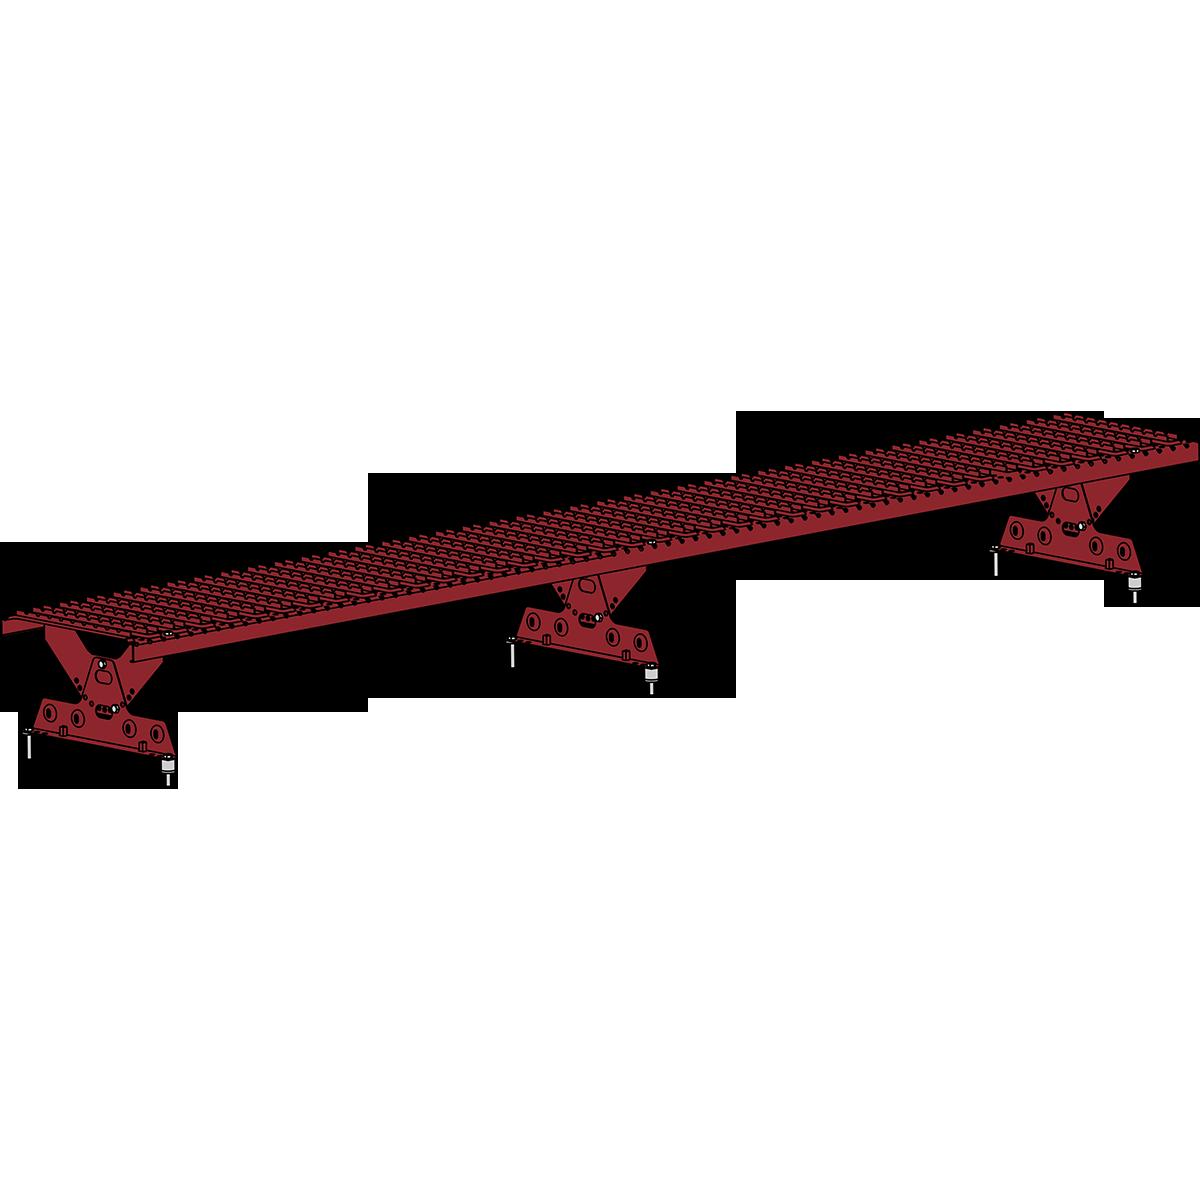 Мостик кровельный ROOFSYSTEMS ELITE 330 NEXT 2,5 м RAL 3011 Коричнево-красный